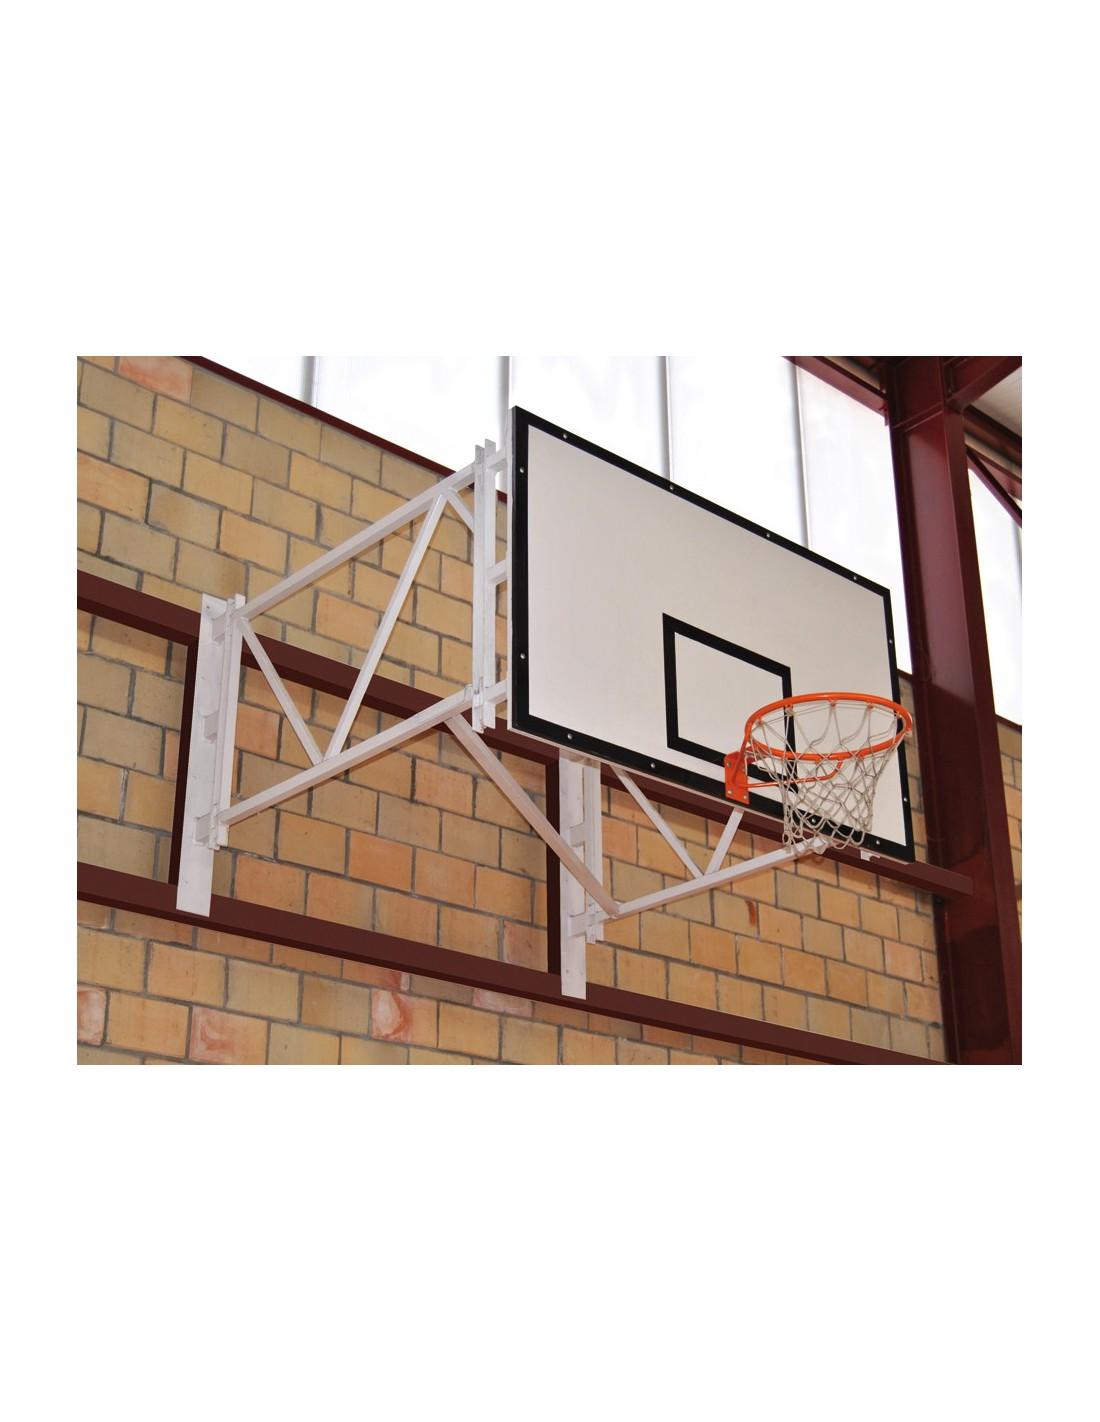 Kit panier de basket section tubulaire carr e et rabattable - Panier de basket amovible ...